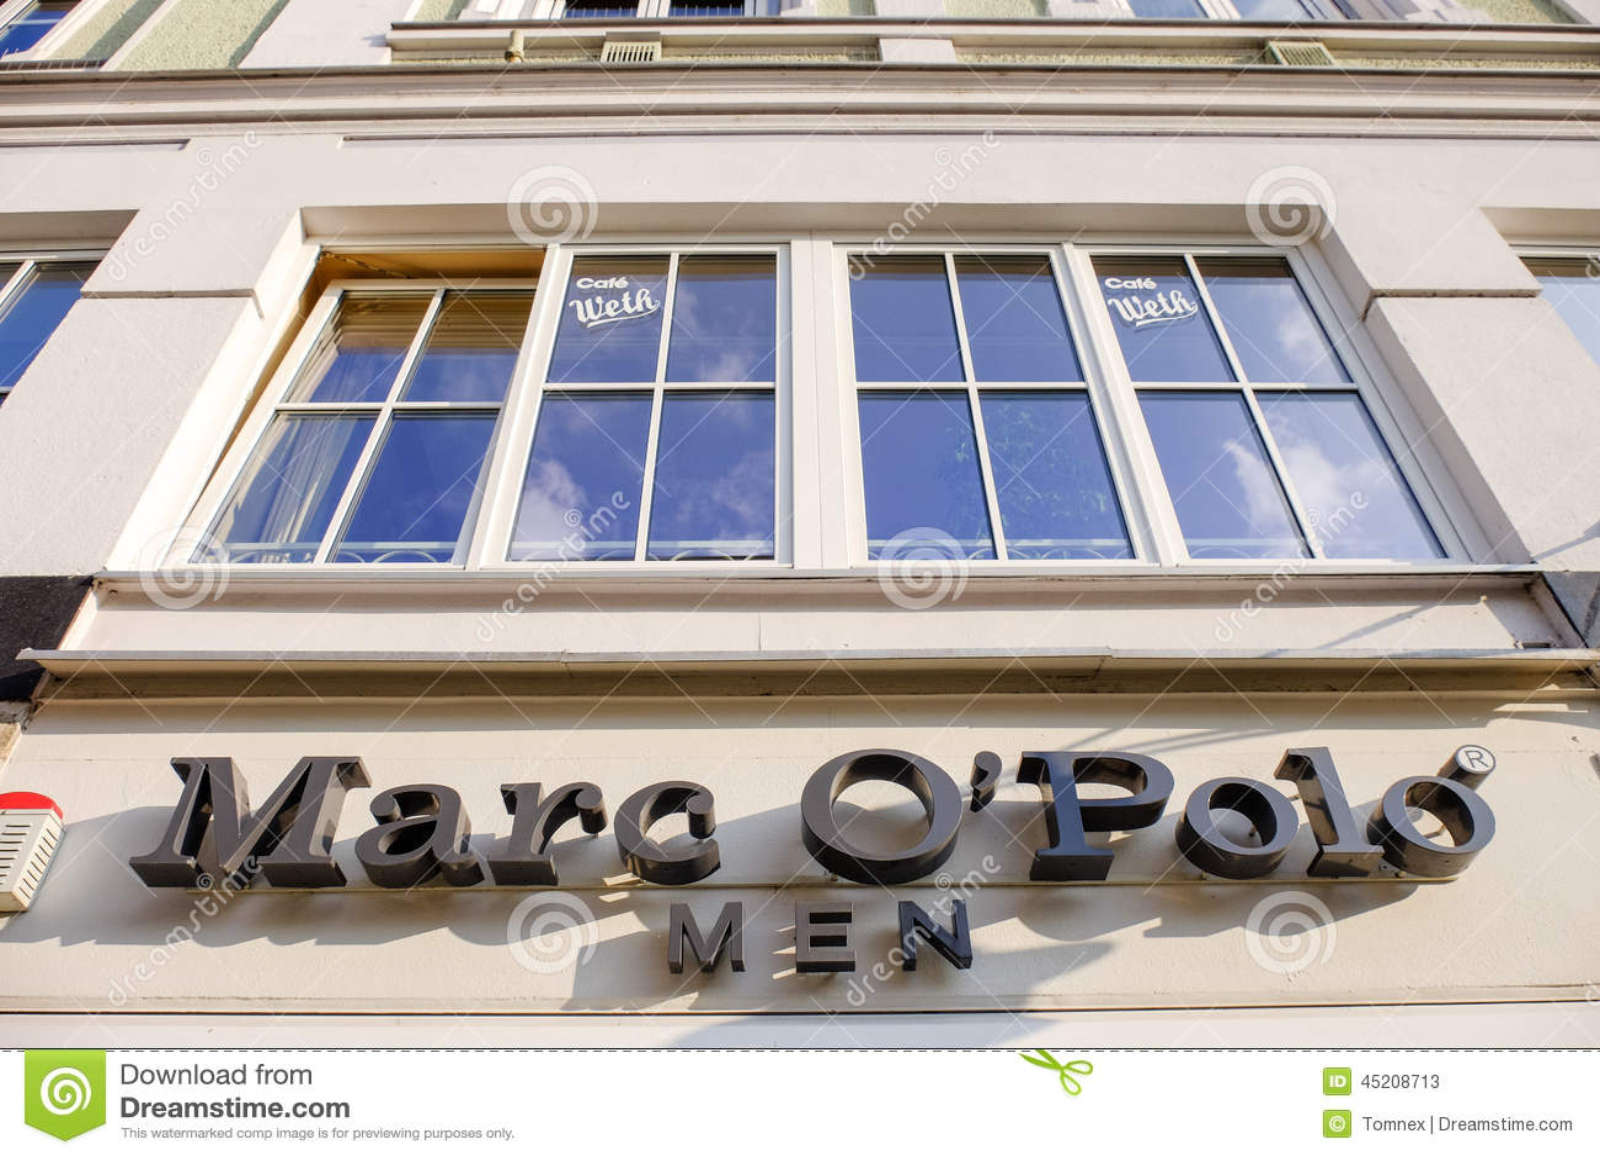 Marc O Polo Men